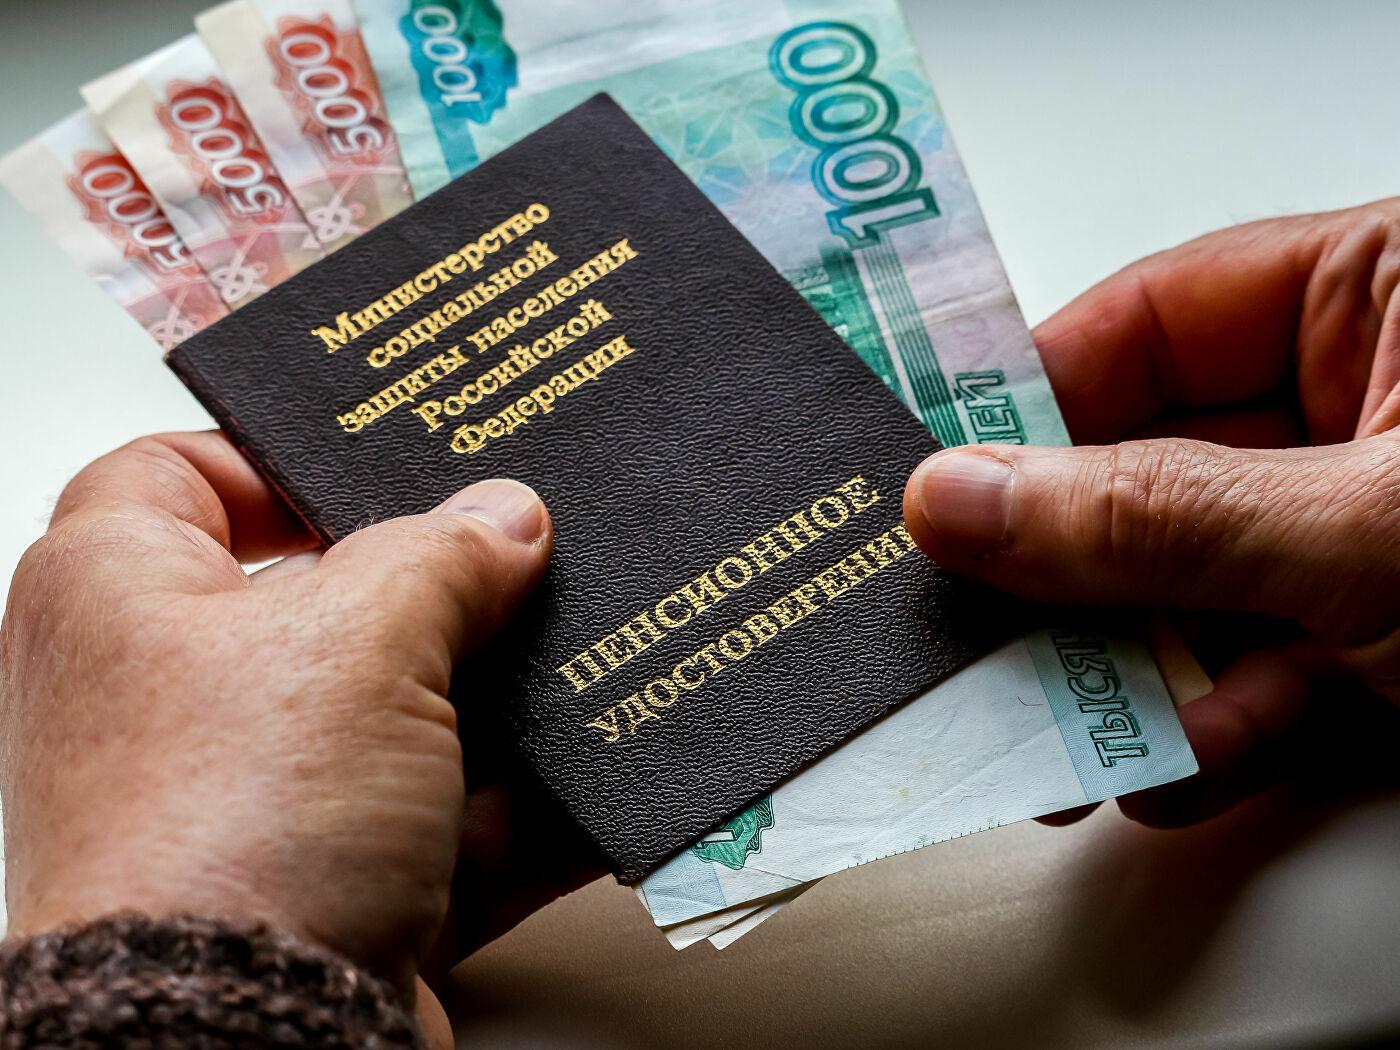 В ПФР рассказали, кто в 2021 году будет получать пенсию до 30 тыс. руб.